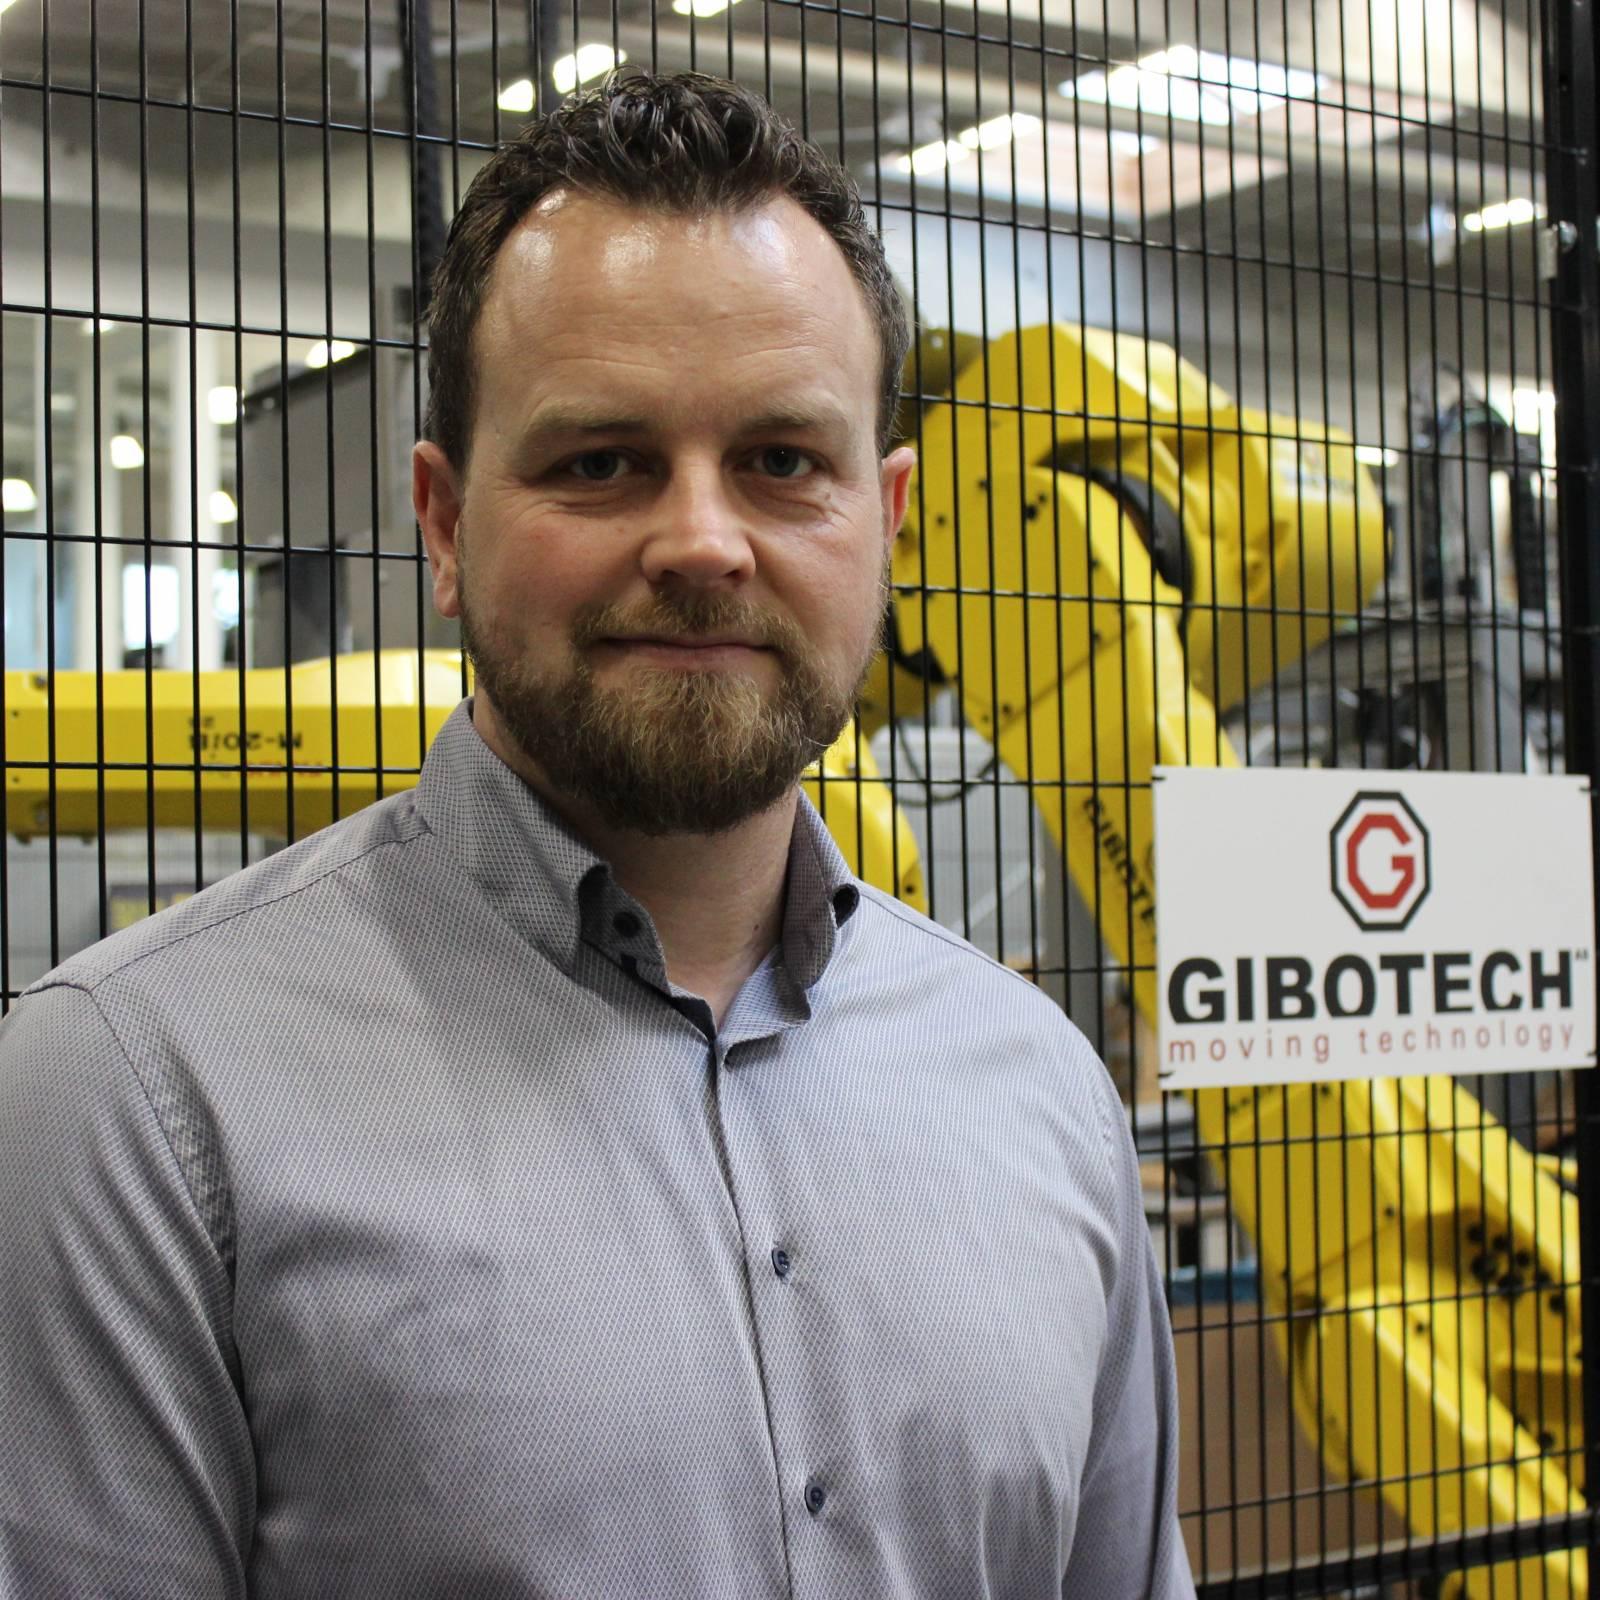 , Få rådgivning om sikkerhed, Gibotech